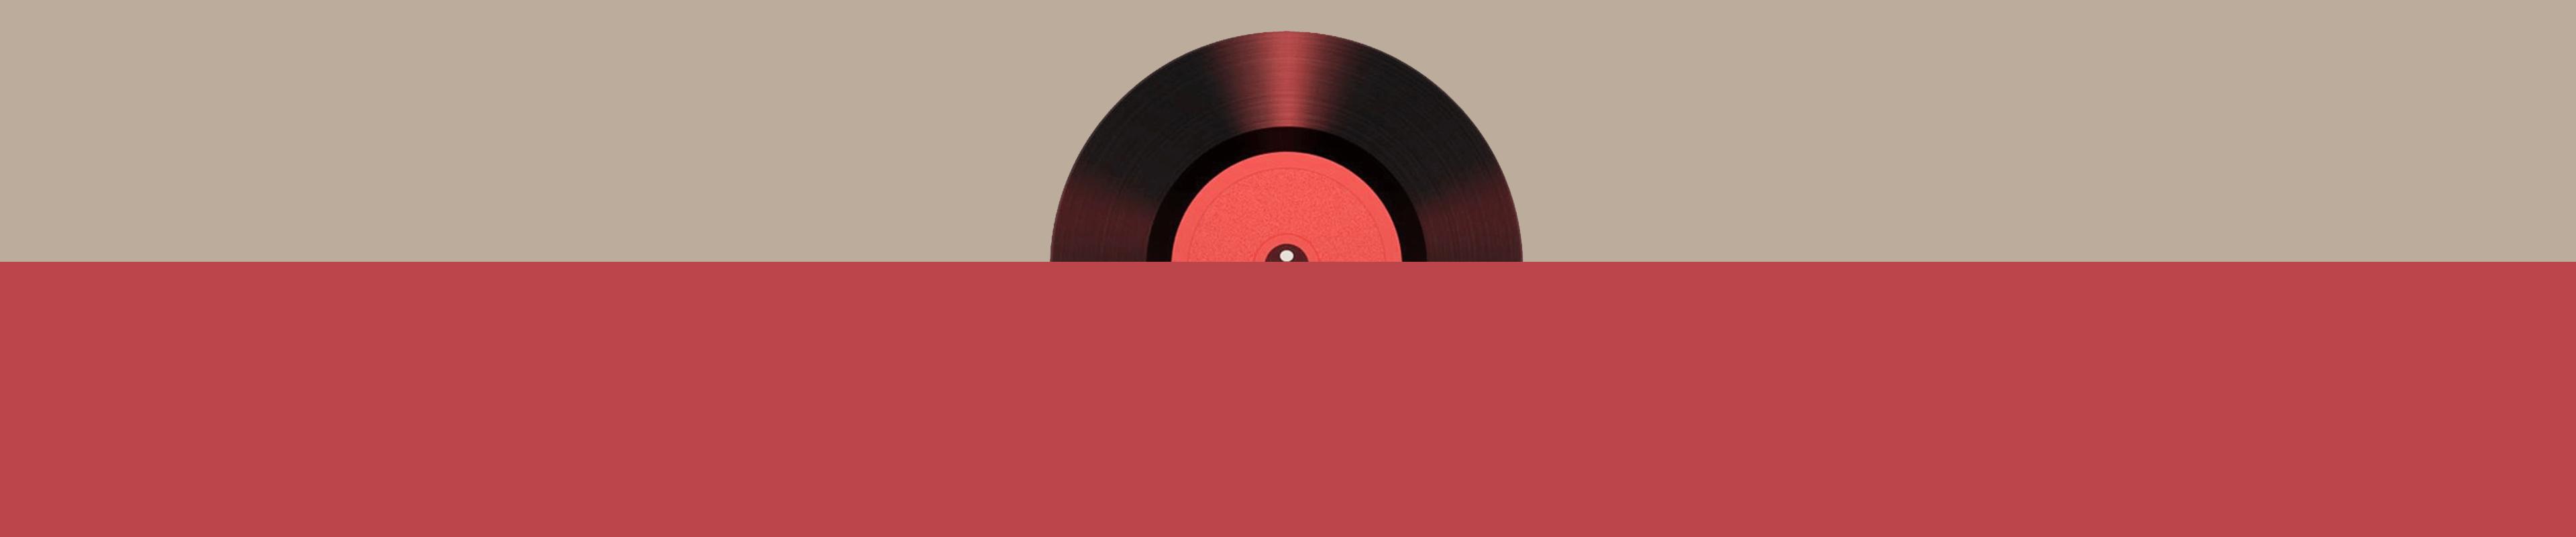 [已购]K Music Player顶级音乐播放器 旗舰版-草蜢资源